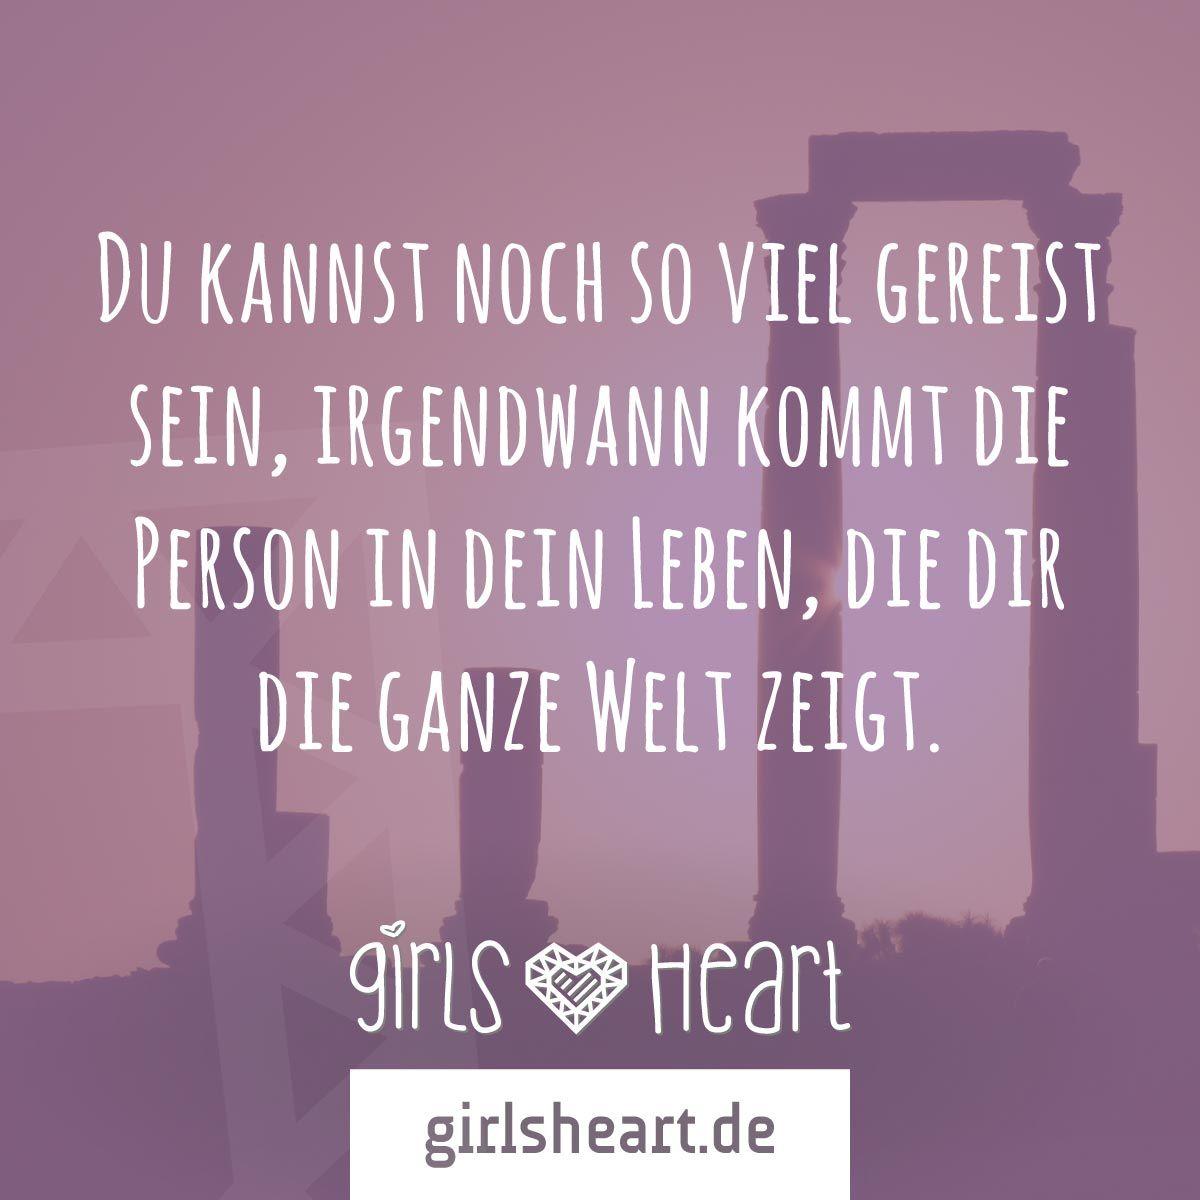 Mehr Sprüche auf: www.girlsheart.de #reisen #liebe #welt # ...